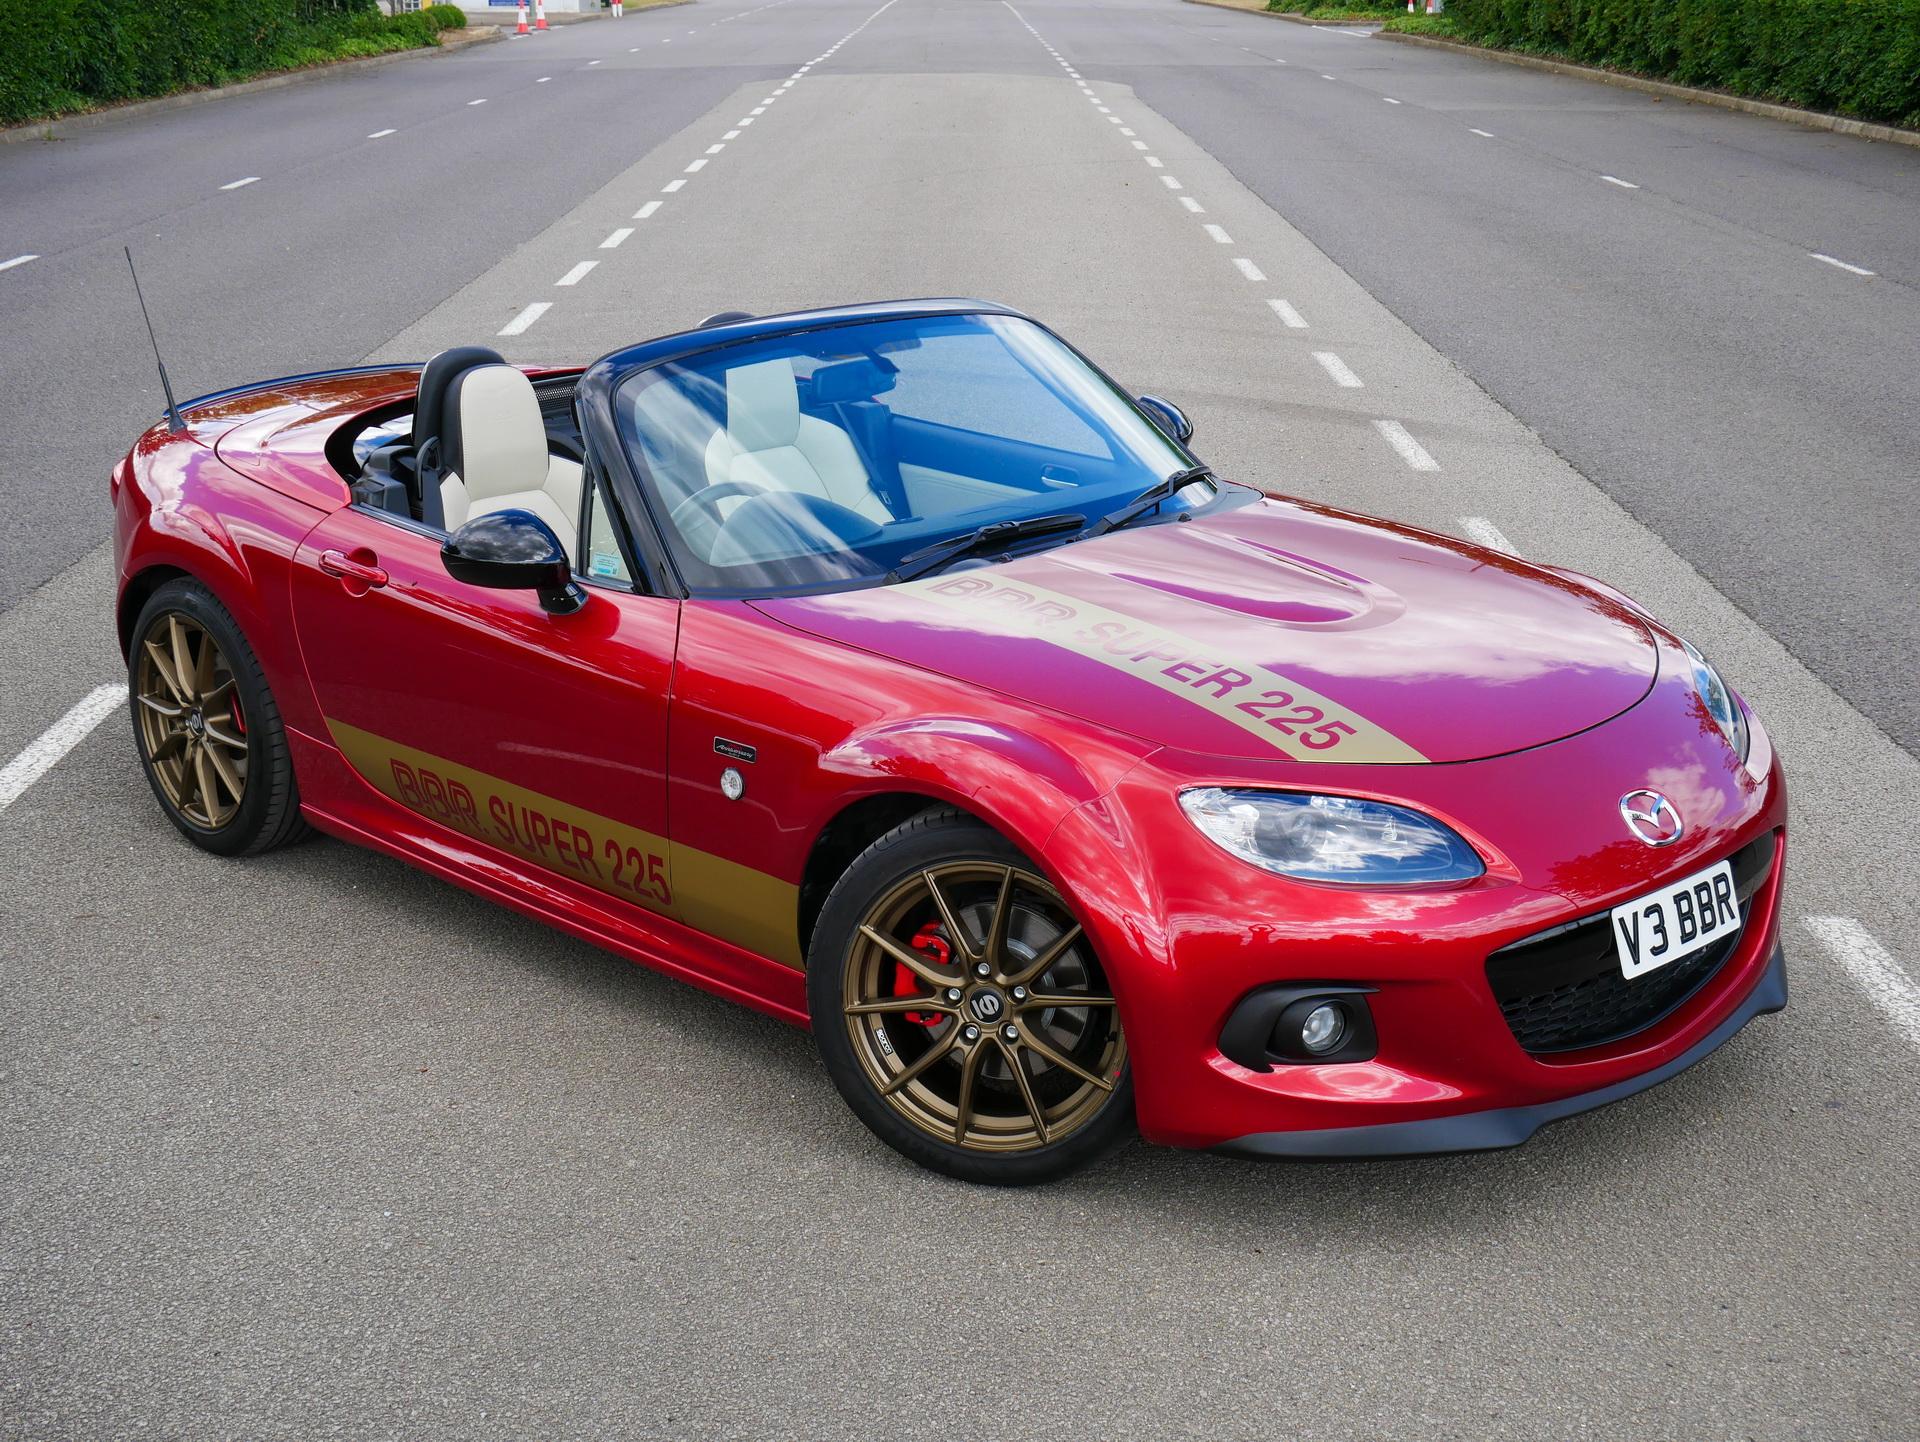 ¡Larga vida al Mazda MX-5 NC! Ahora con 225 CV gracias a BBR